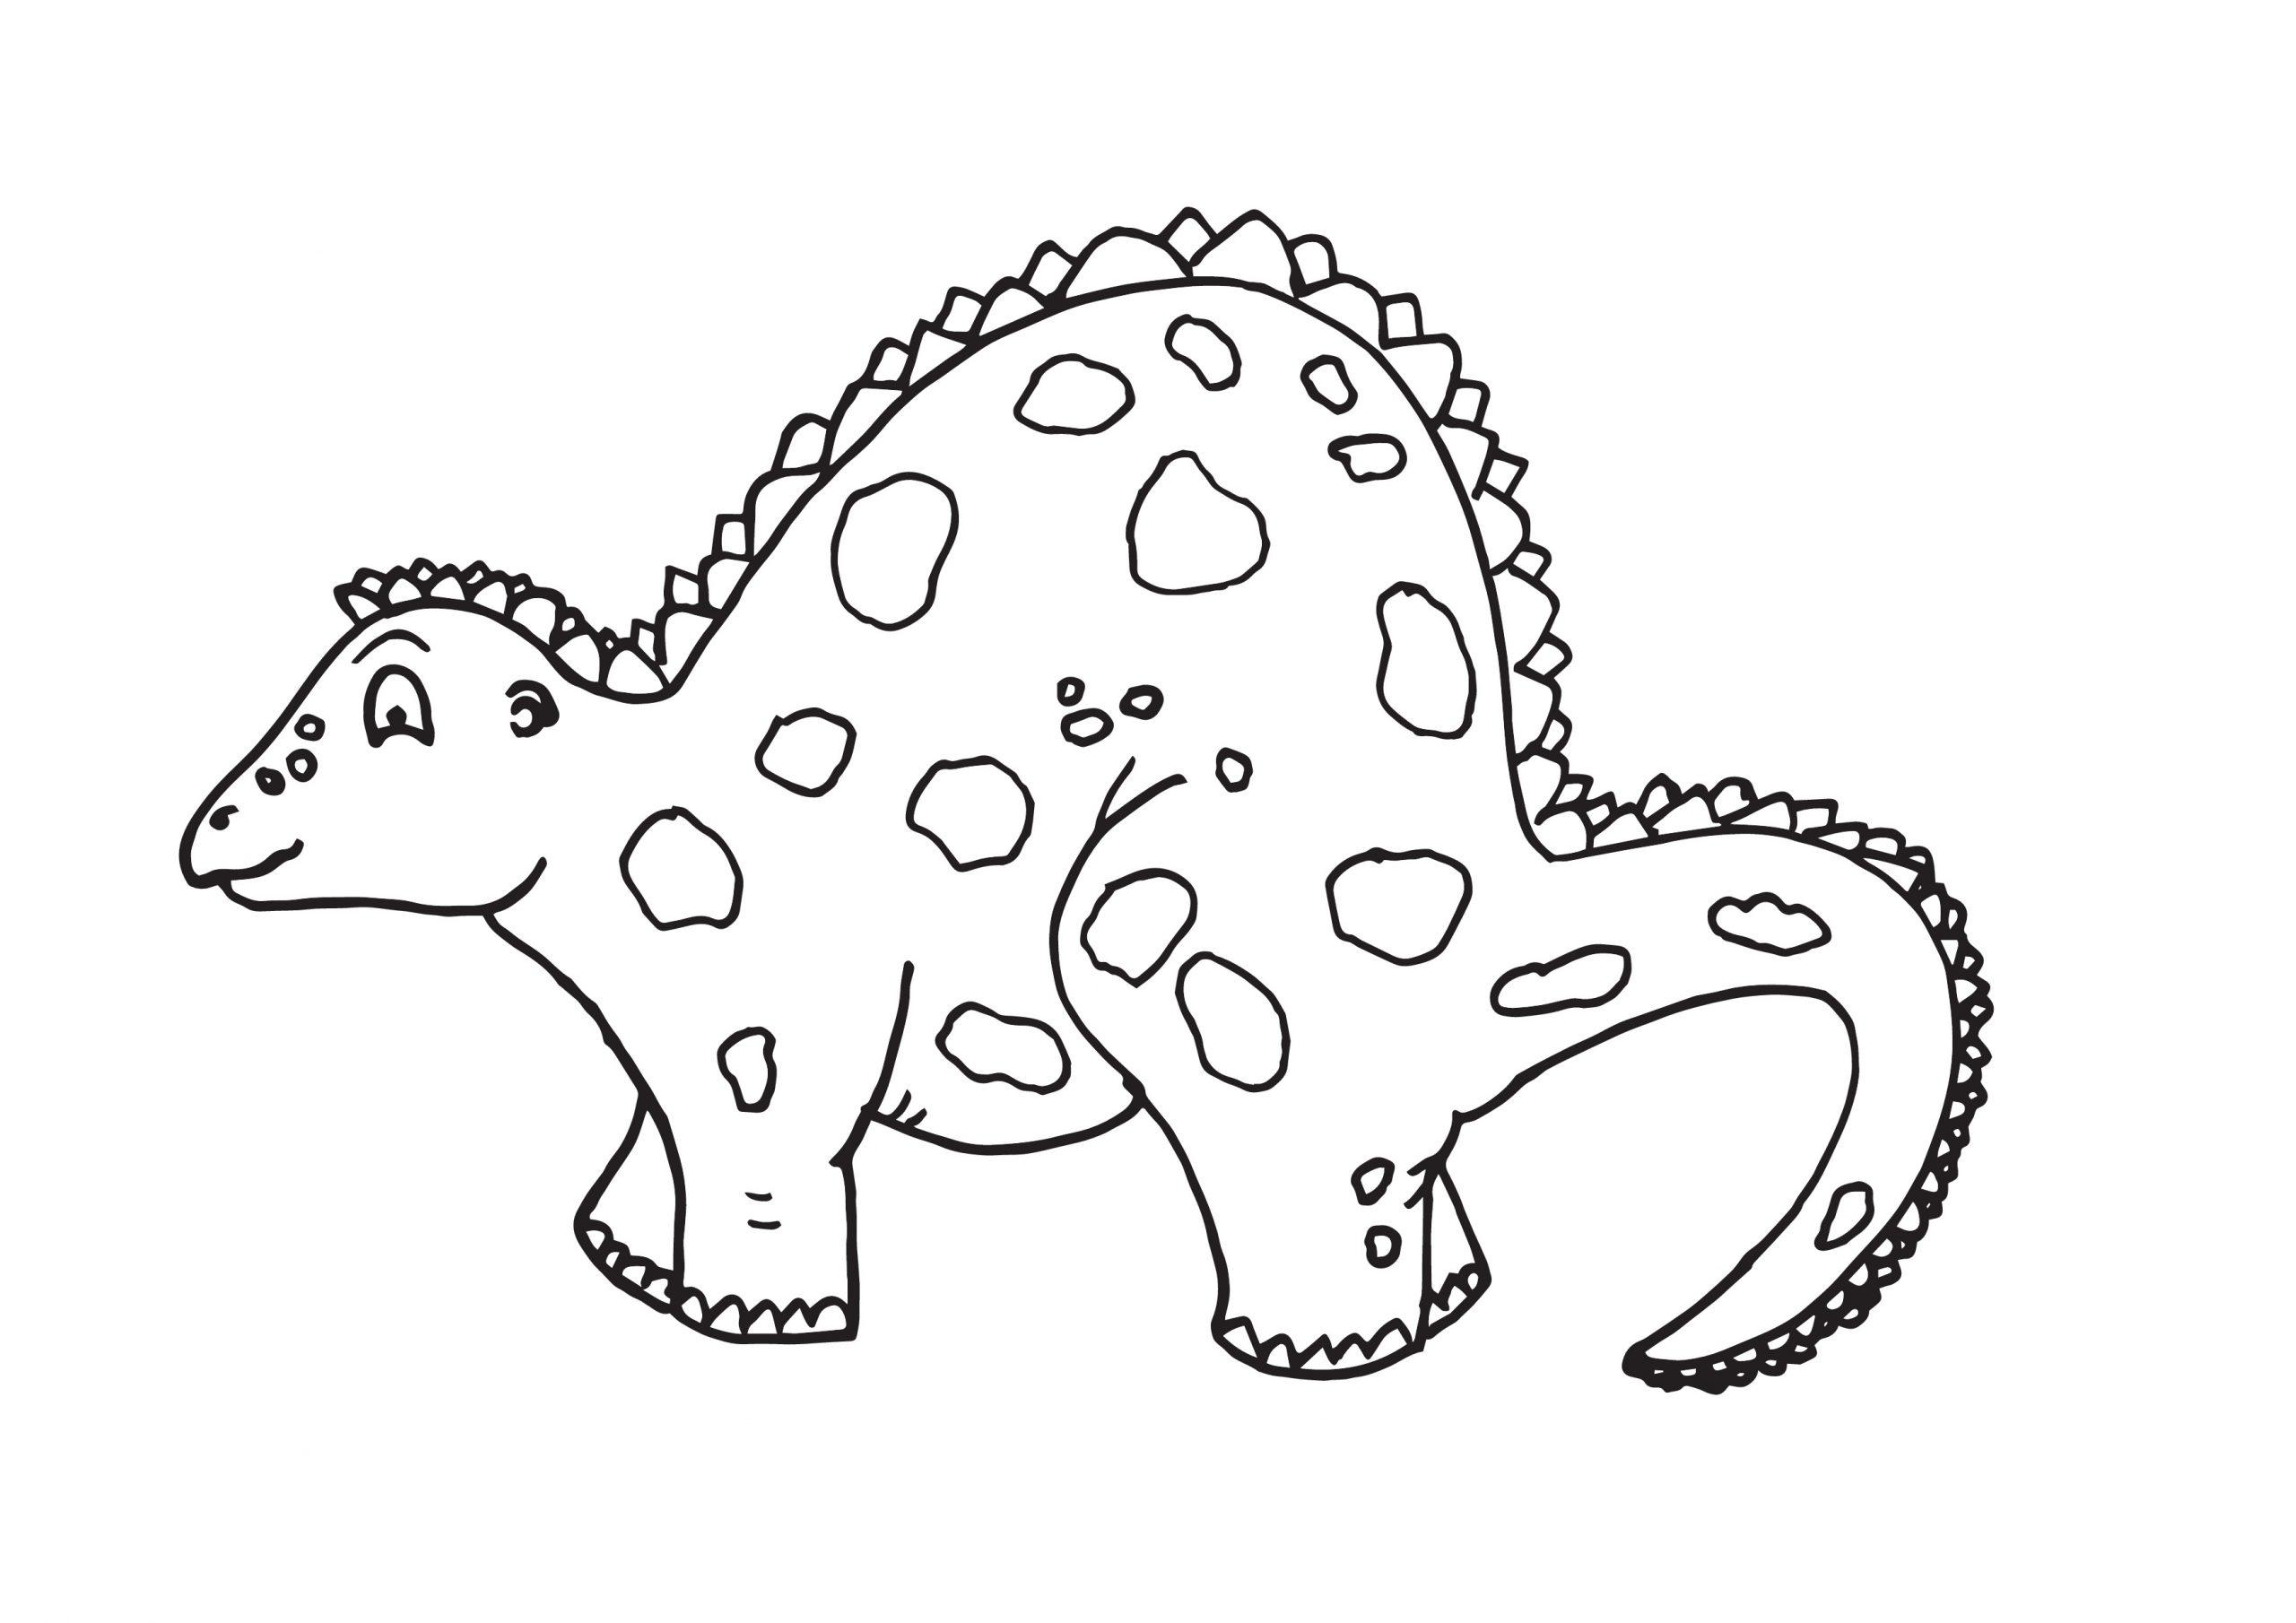 Ausmalbild Dinosaurier - Kostenlose Malvorlagen innen Ausmalbilder Dinosaurier